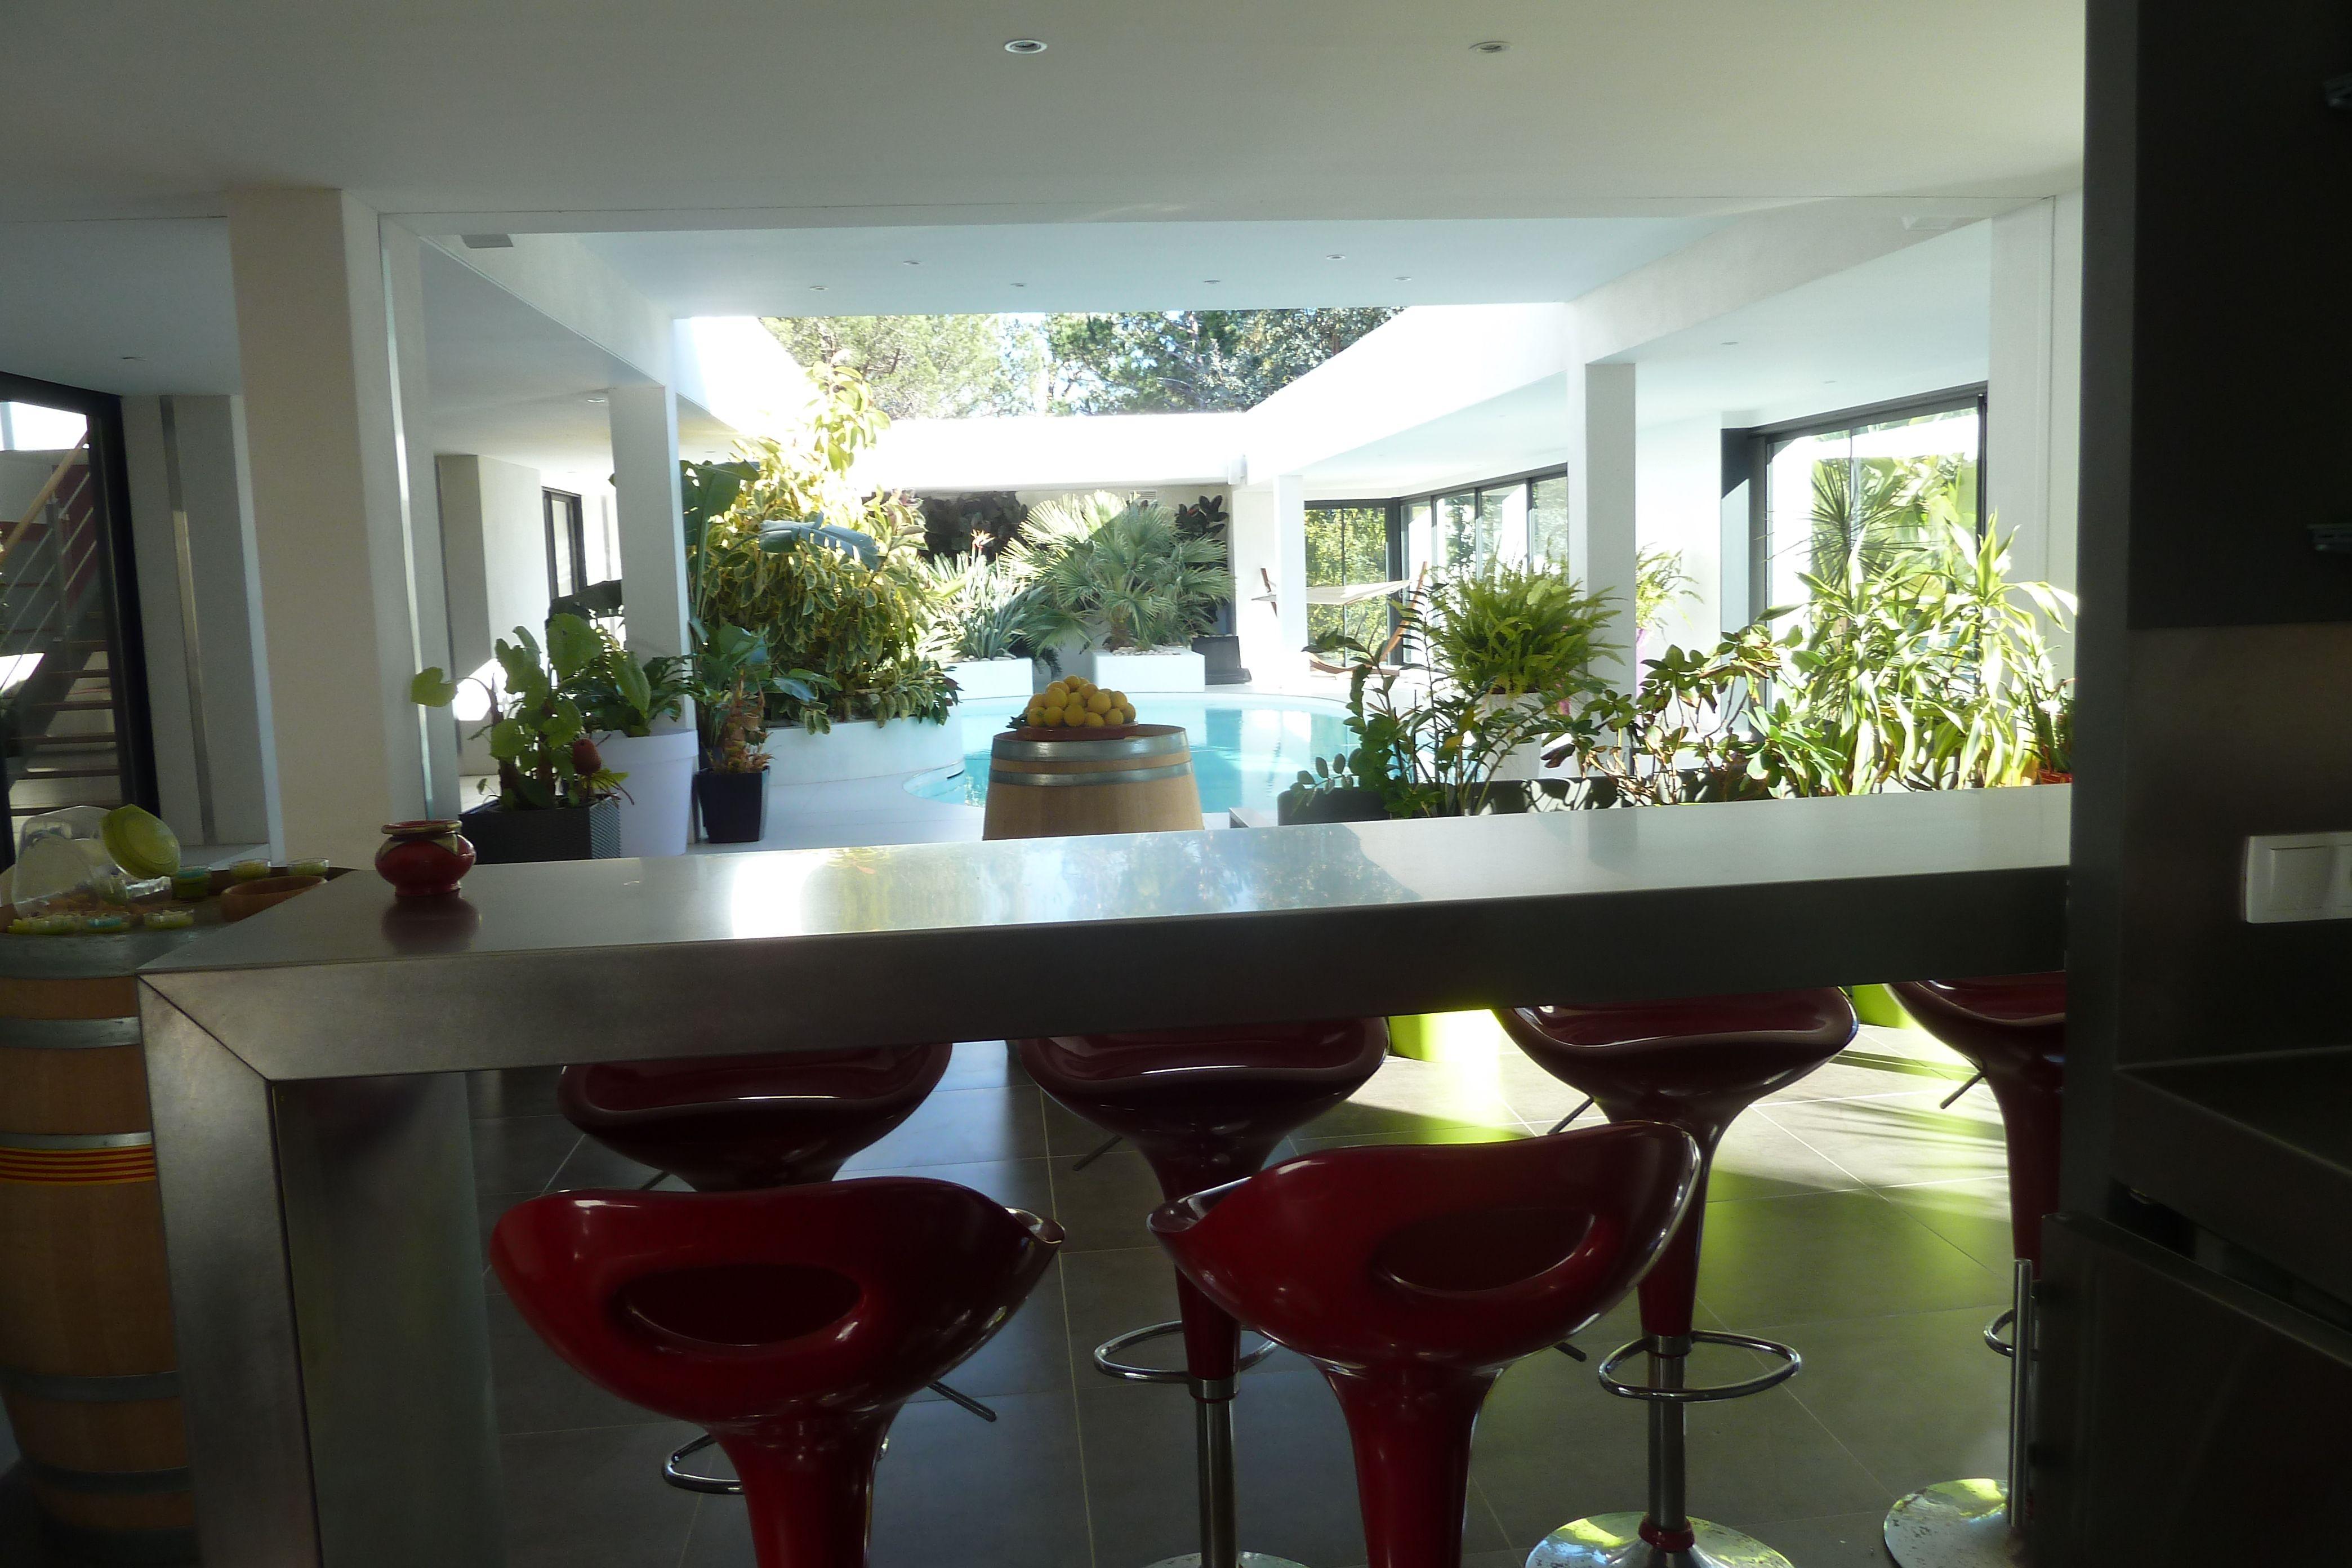 Salon Ultra Moderne D Une Villa A Vendre Sur Perpignan Maison Moderne Villa A Vendre Maison